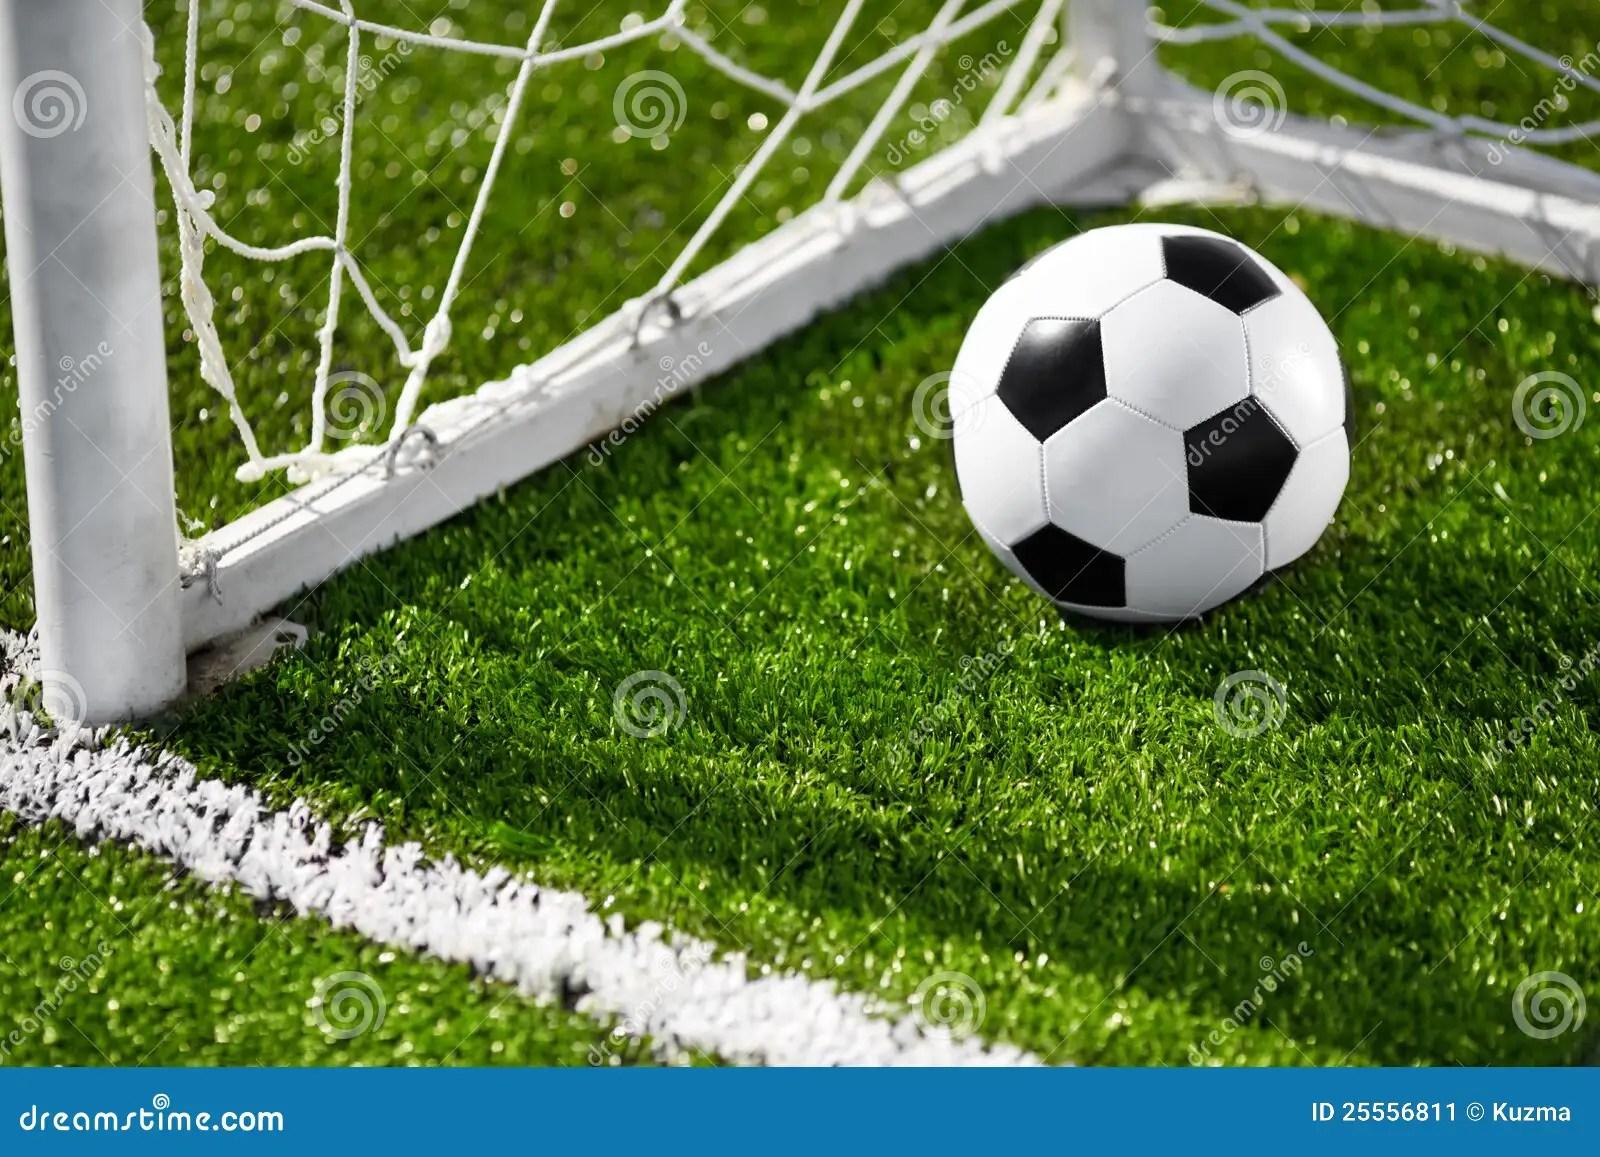 Soccer Ball And Goal Net Stock Image Image Of Soccer